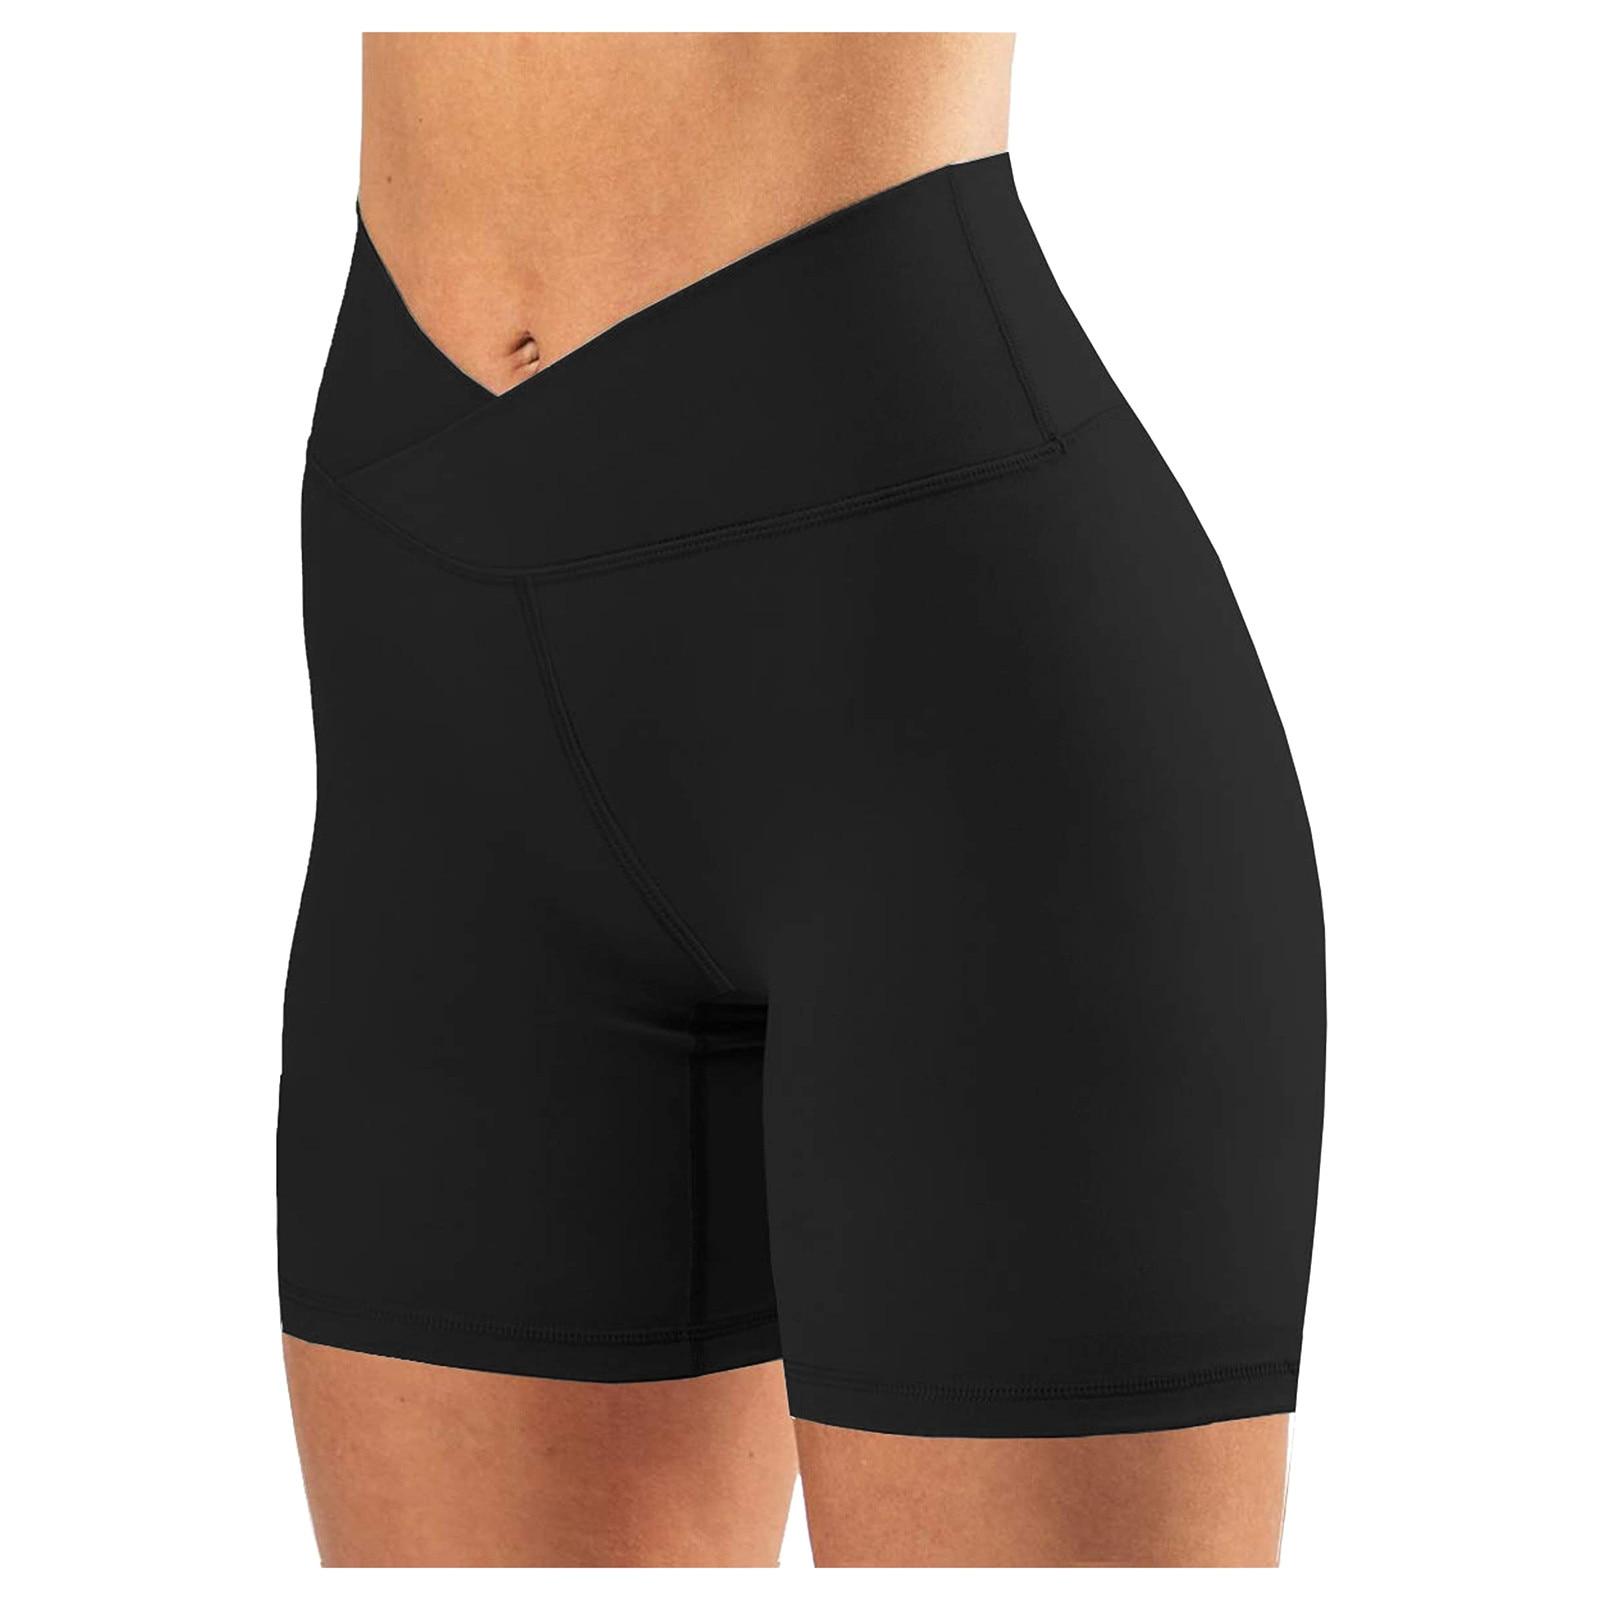 Mallas De entrenamiento para Mujer, Leggings deportivos sin costuras, para correr, yo-ga